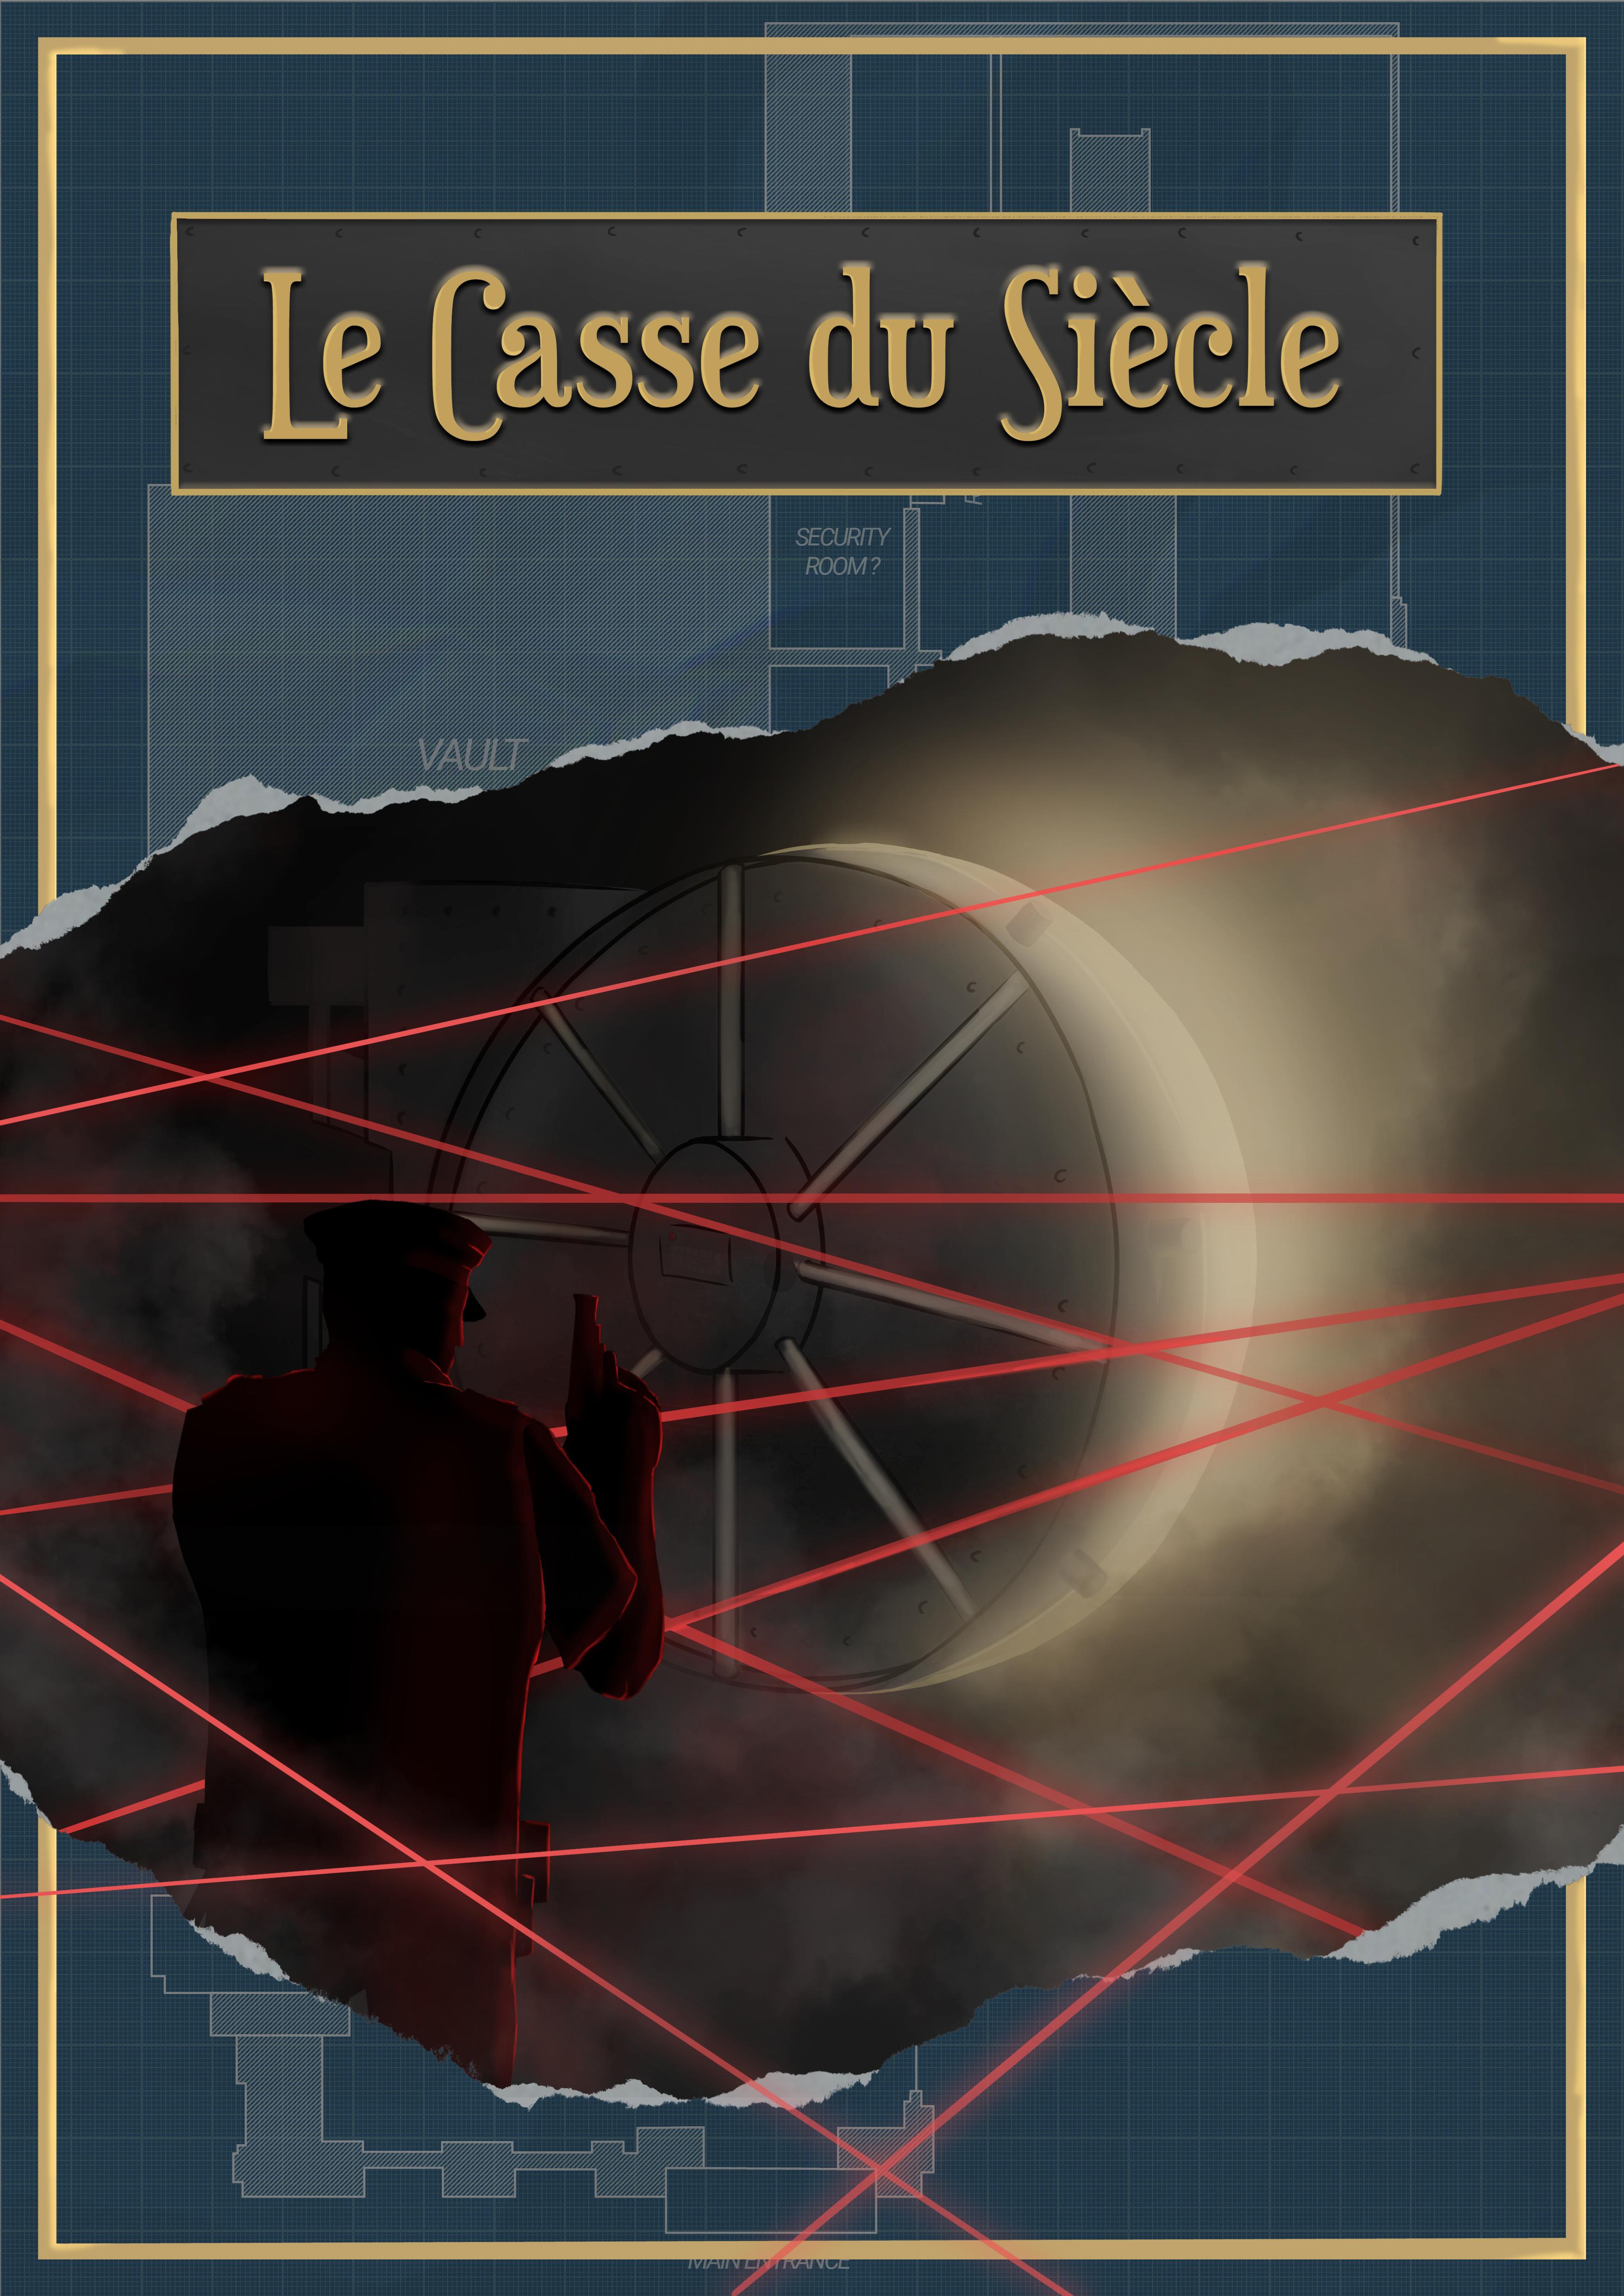 Casse du Siècle